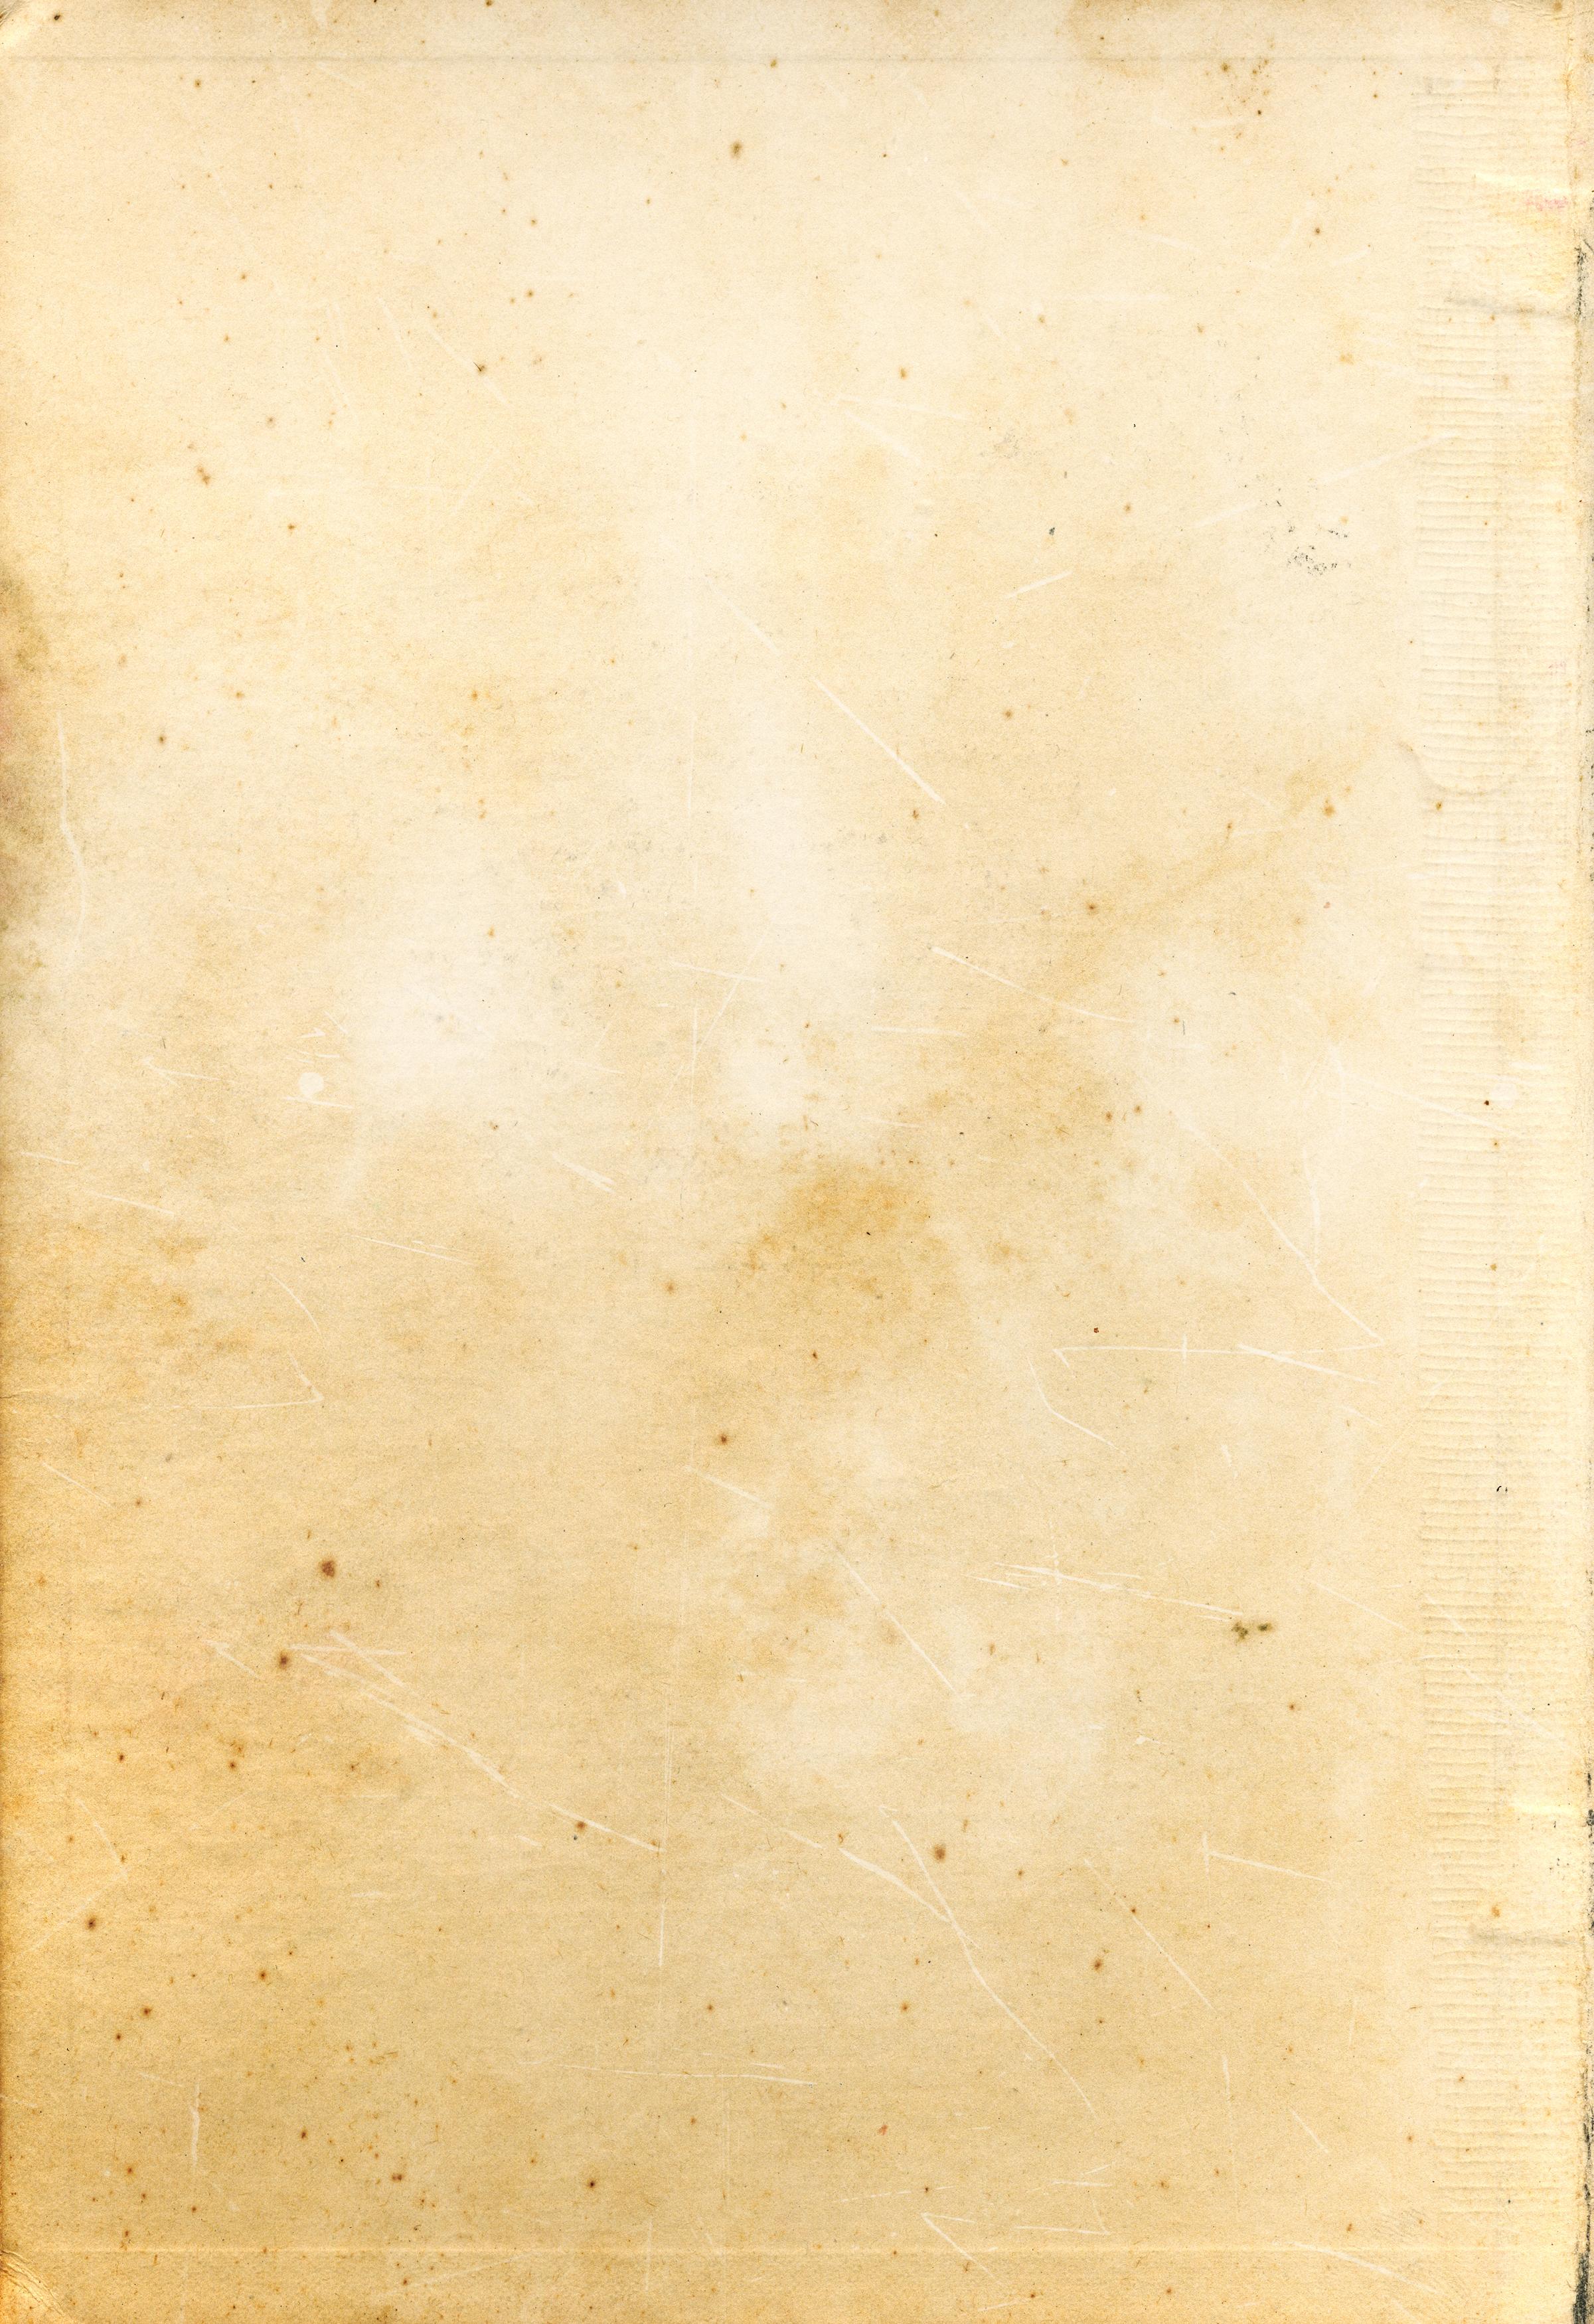 Iphone wallpaper freebie - Old Paper Wallpaper Wallpapersafari